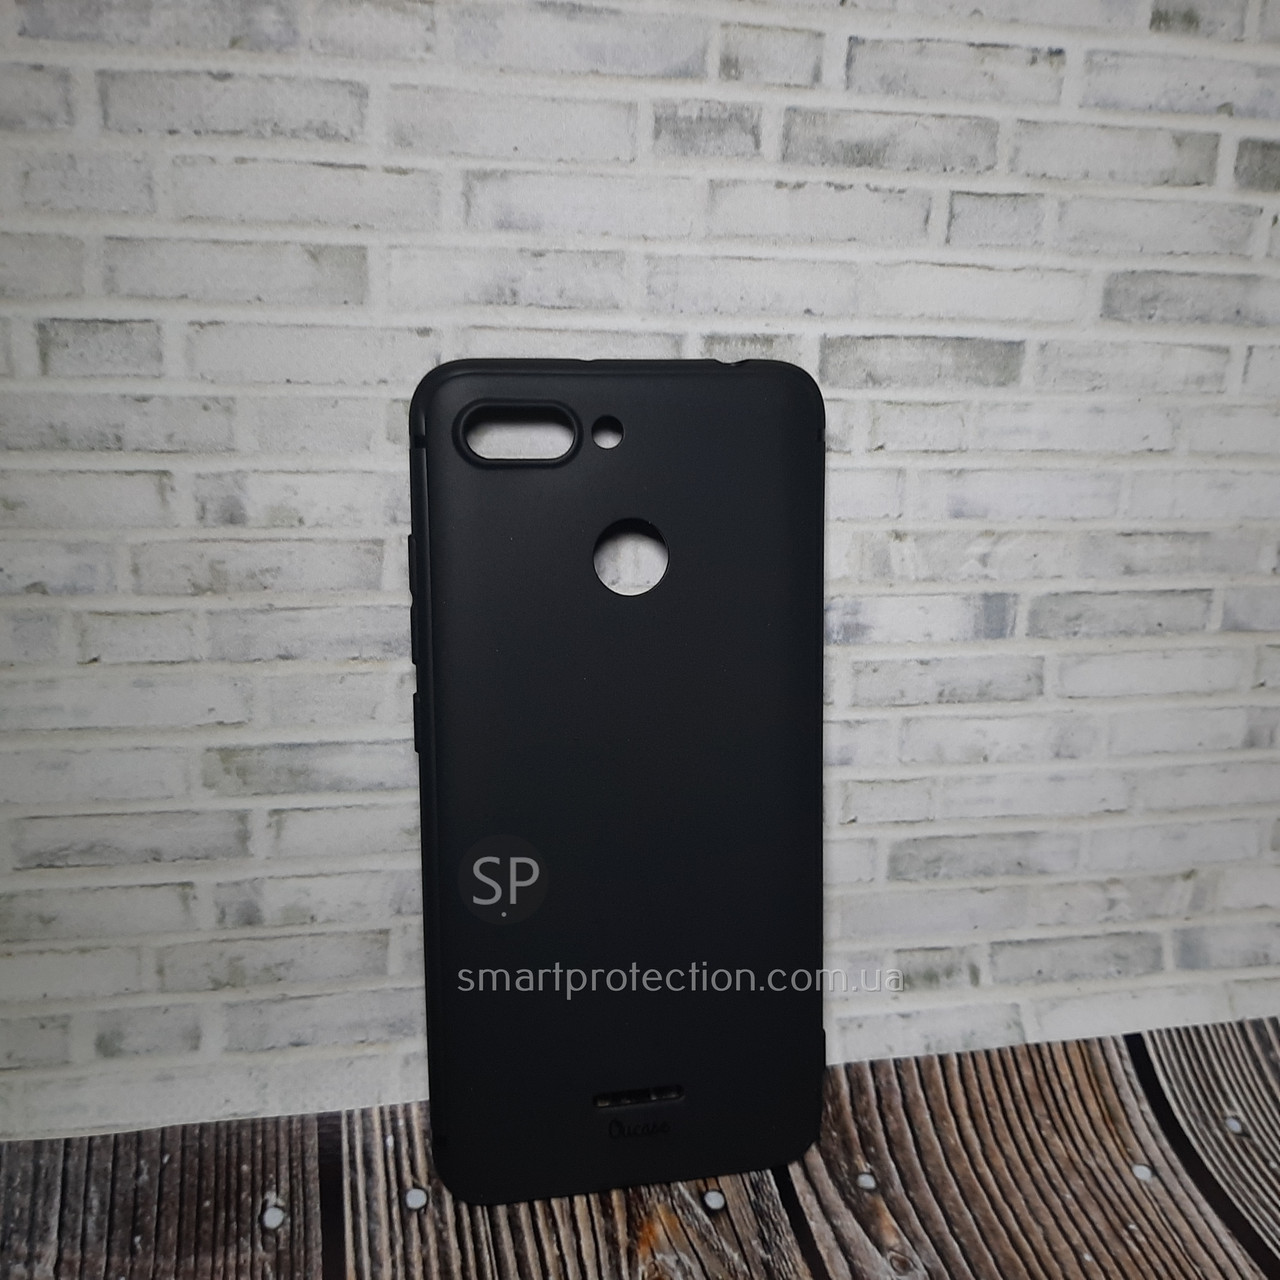 Силиконовый чехол накладка для Xiaomi Redmi 6 черный  Aspor OuCase